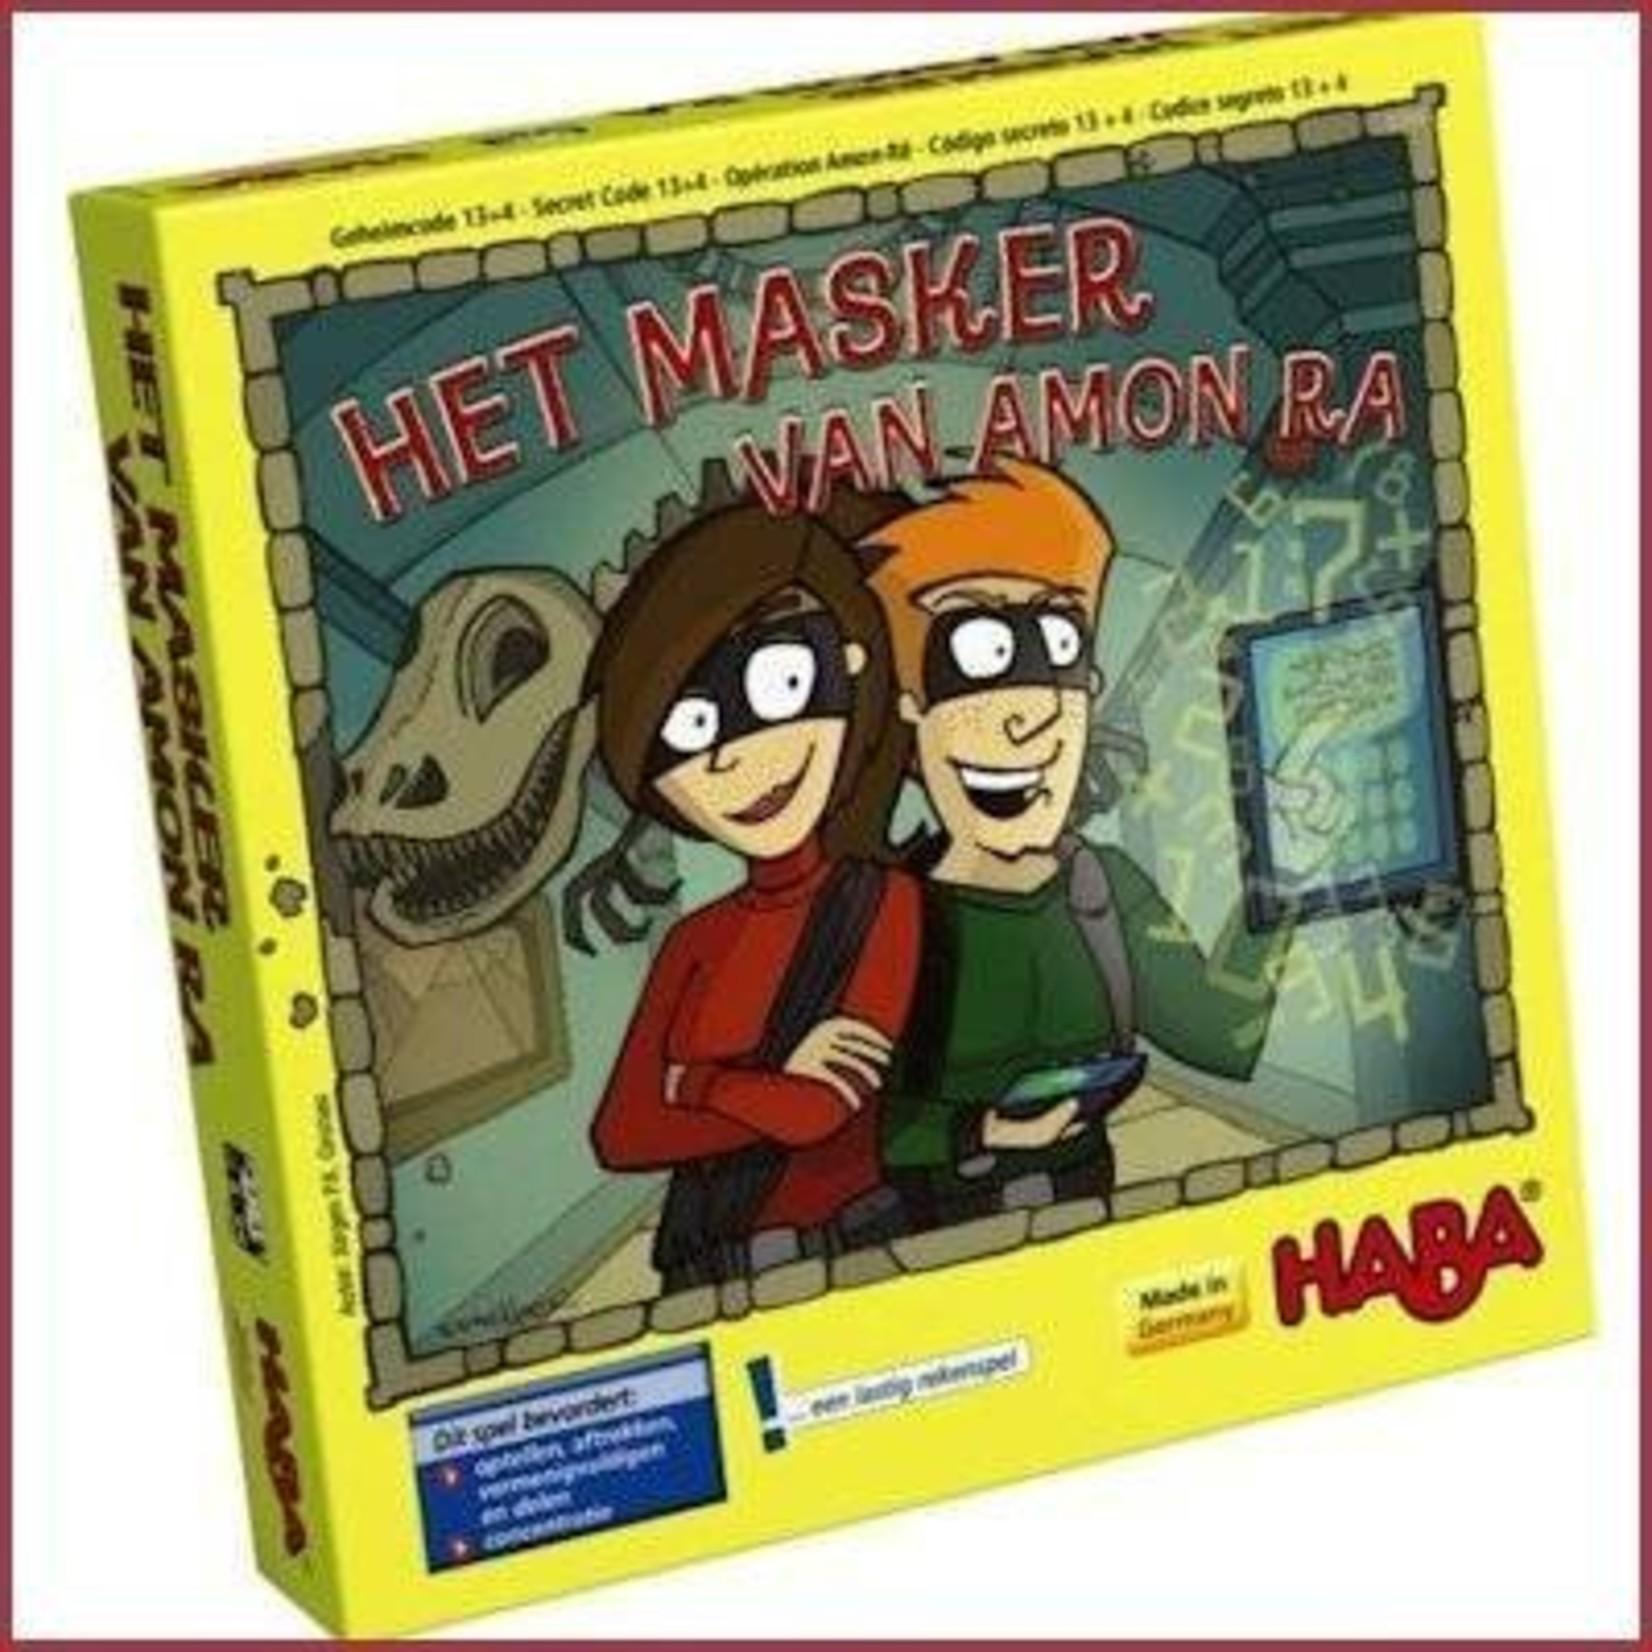 Haba Spel - Het masker van Amon Ra